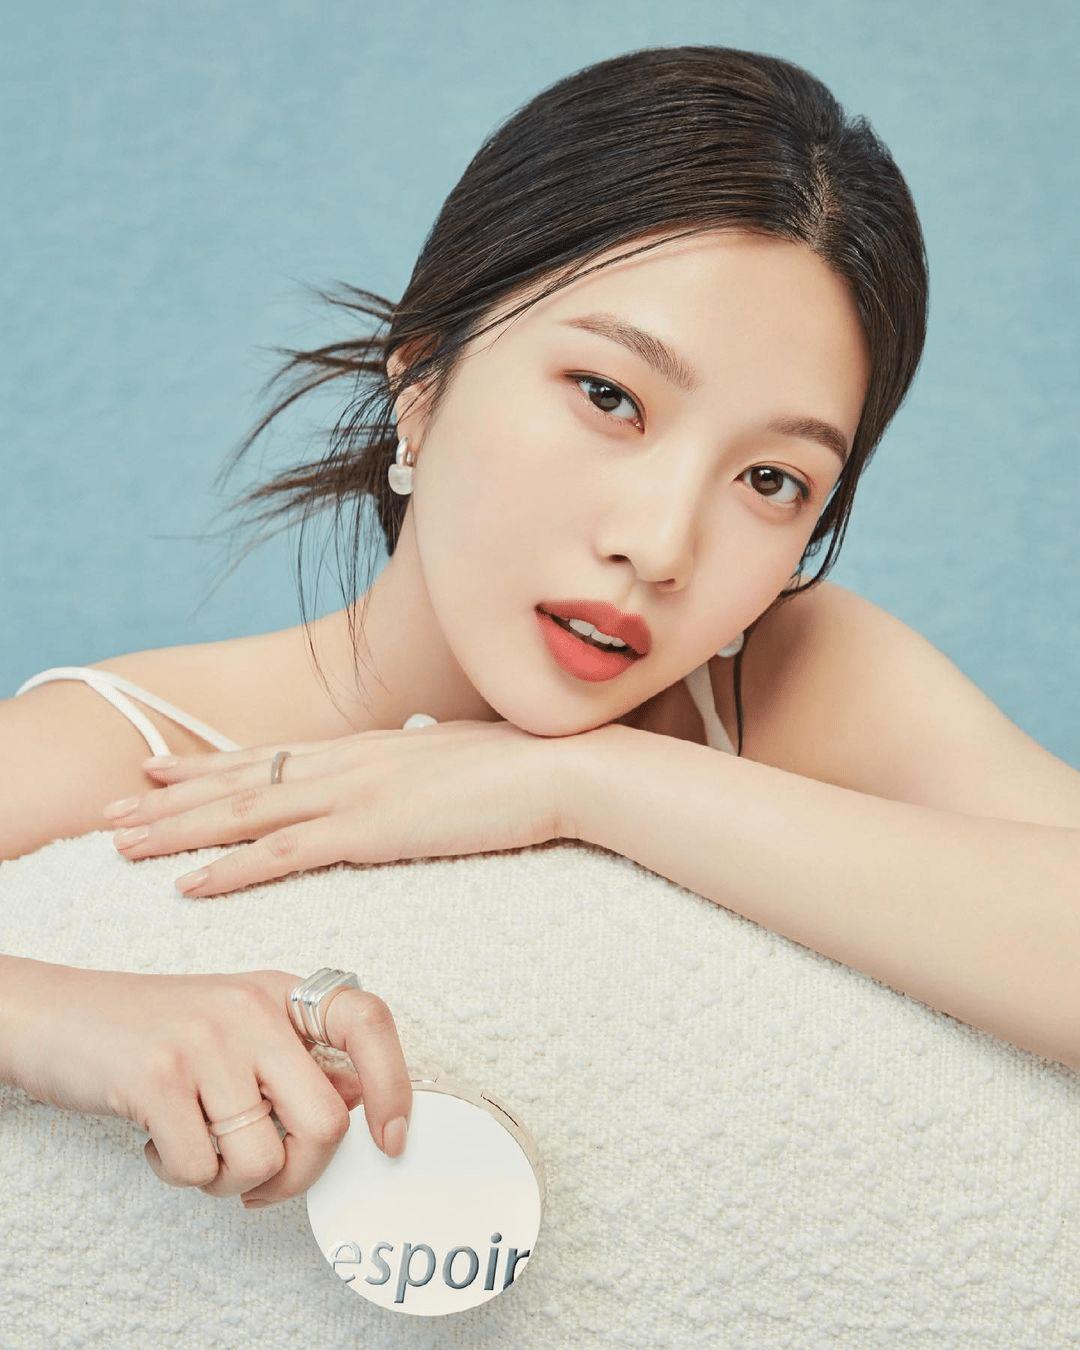 Điểm danh những mỹ nhân Hàn đang quảng cáo mỹ phẩm